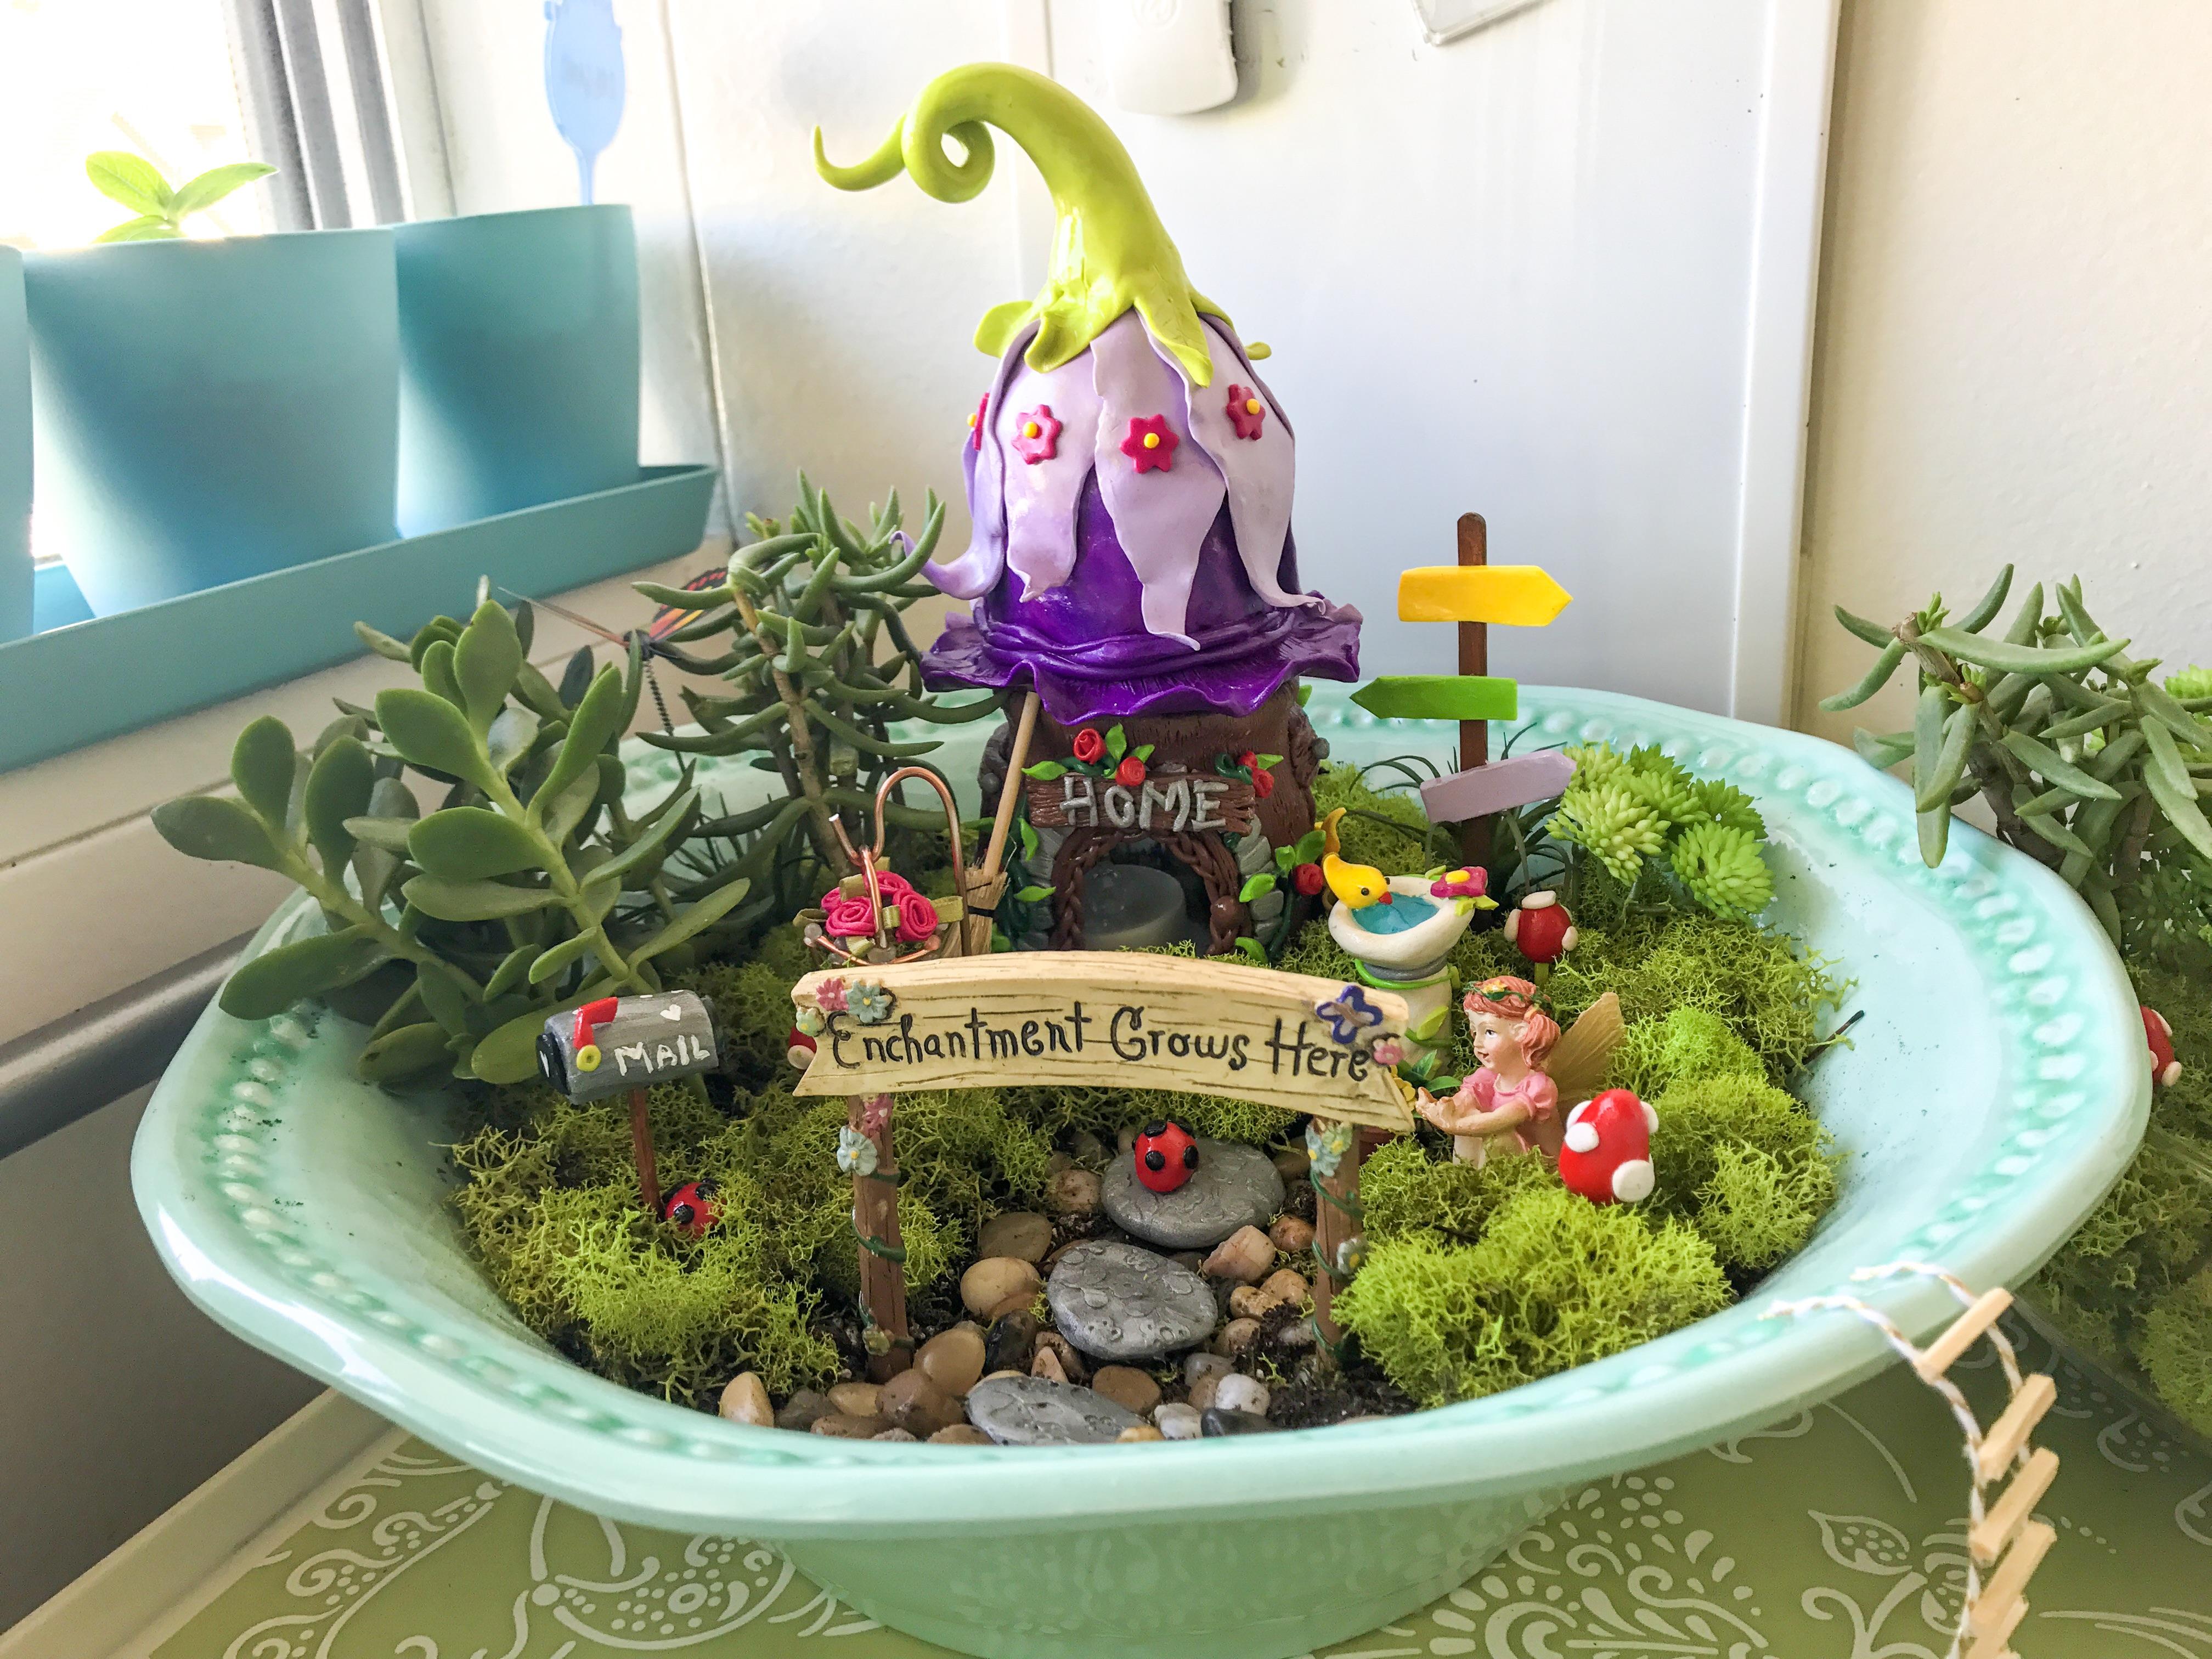 Enchanted Fairy Garden (Part 3)